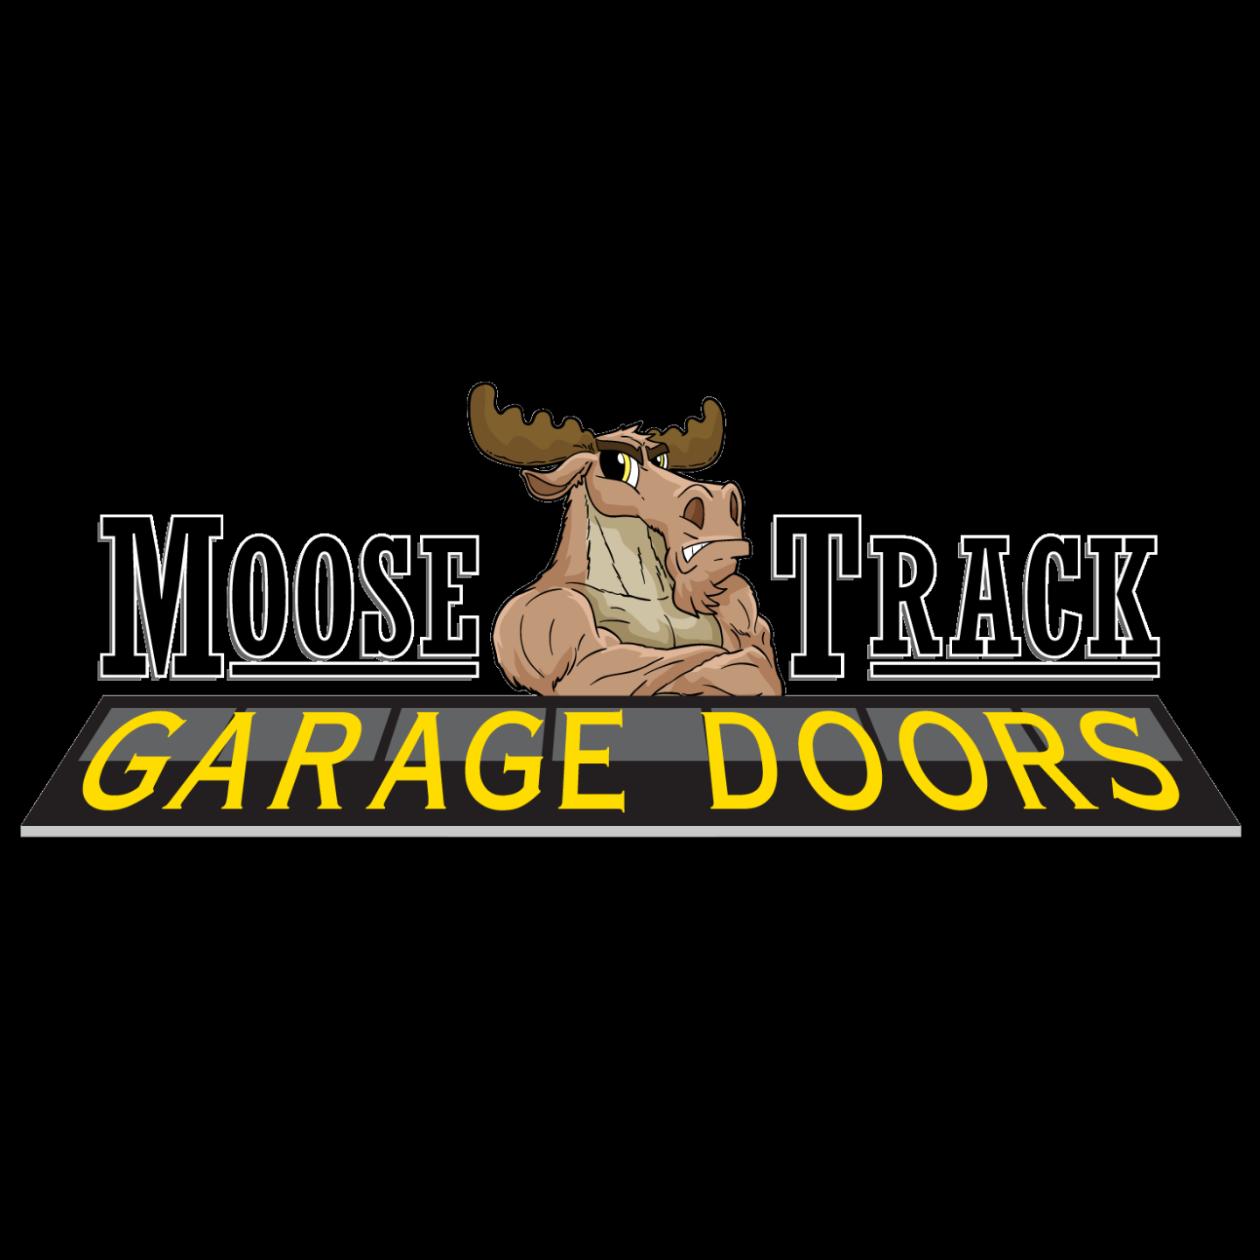 Moose Track Garage Doors